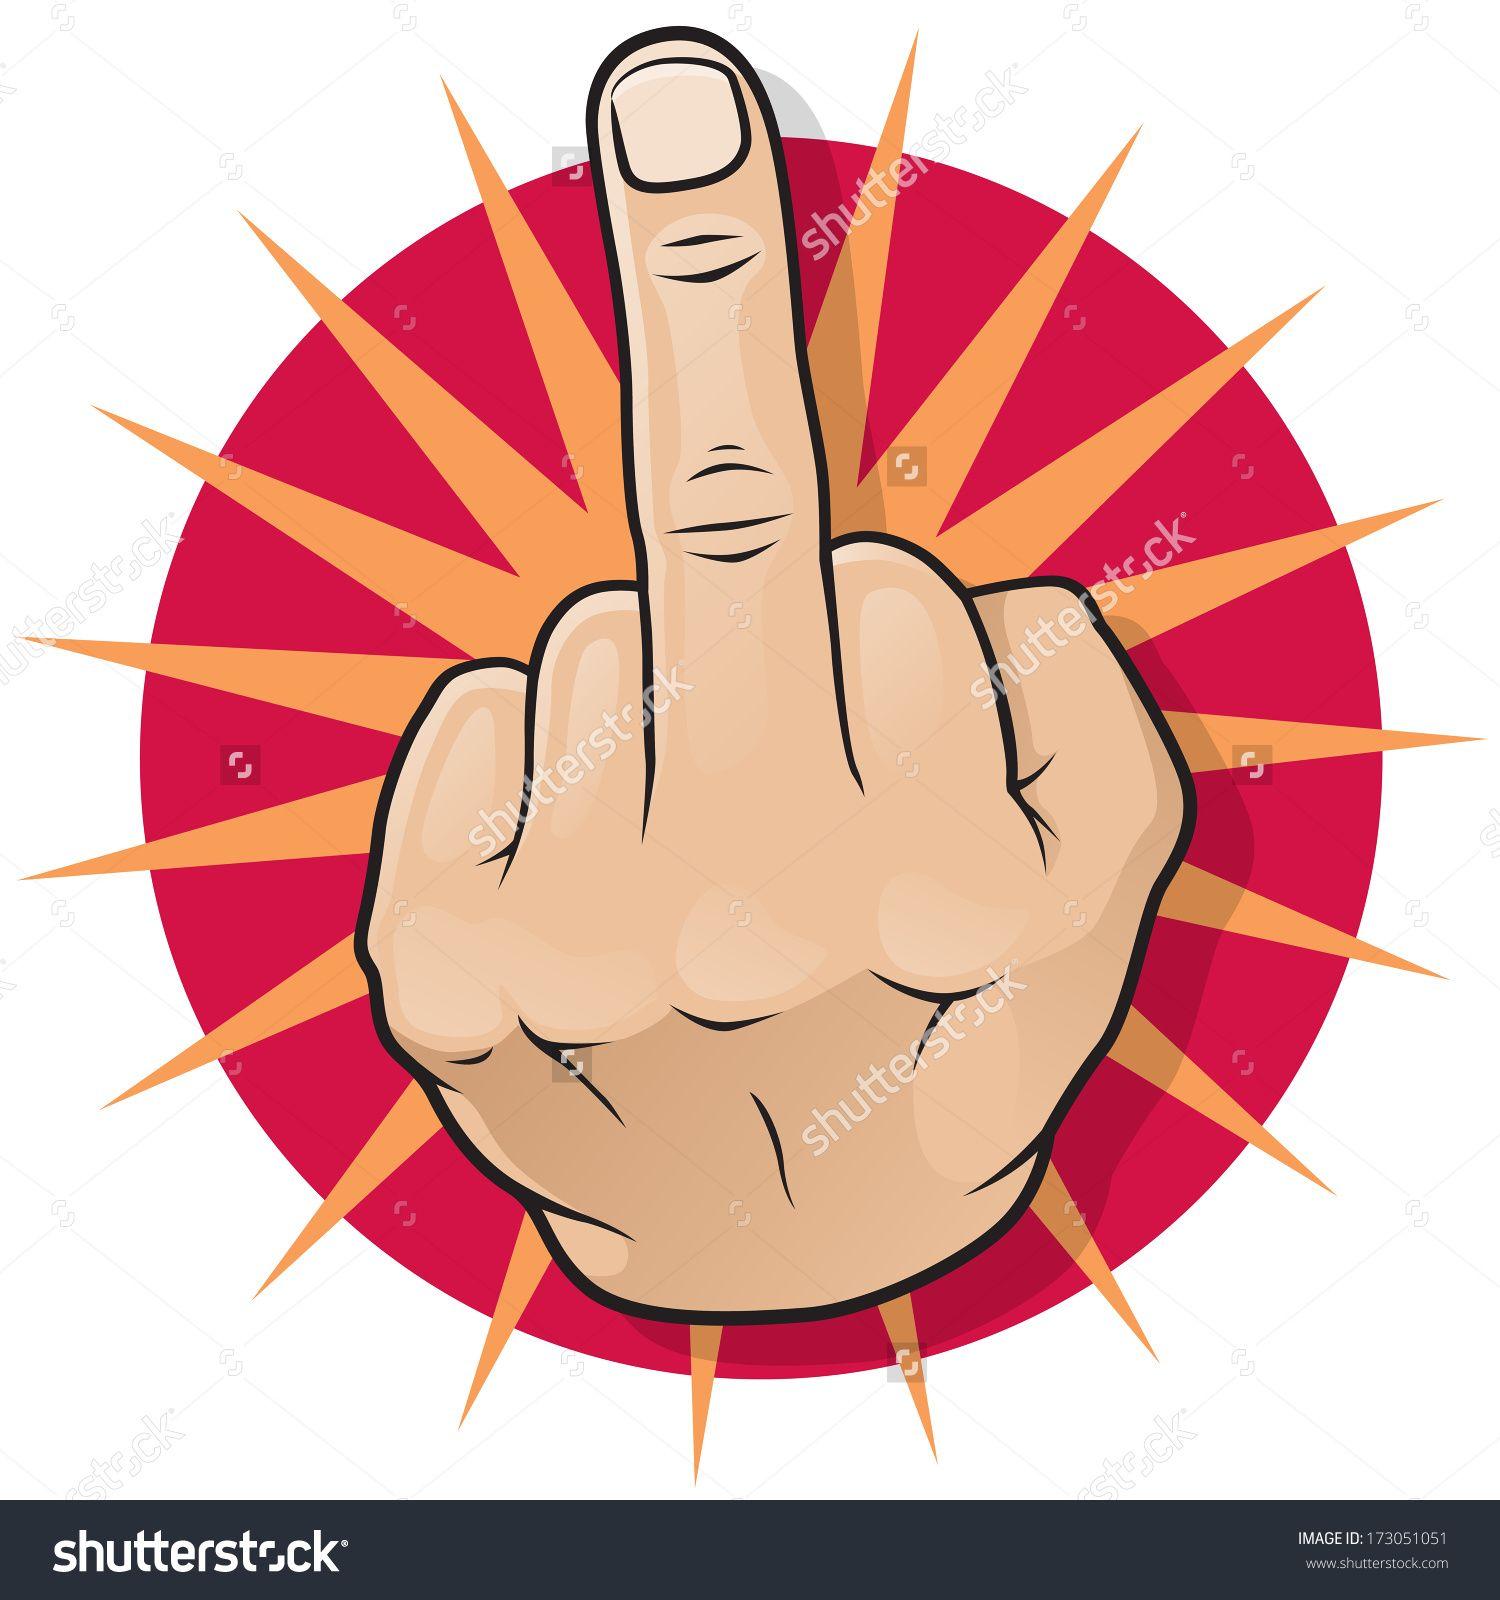 Vintage Pop Art Middle Finger Hand Sign Great Illustration Of Pop